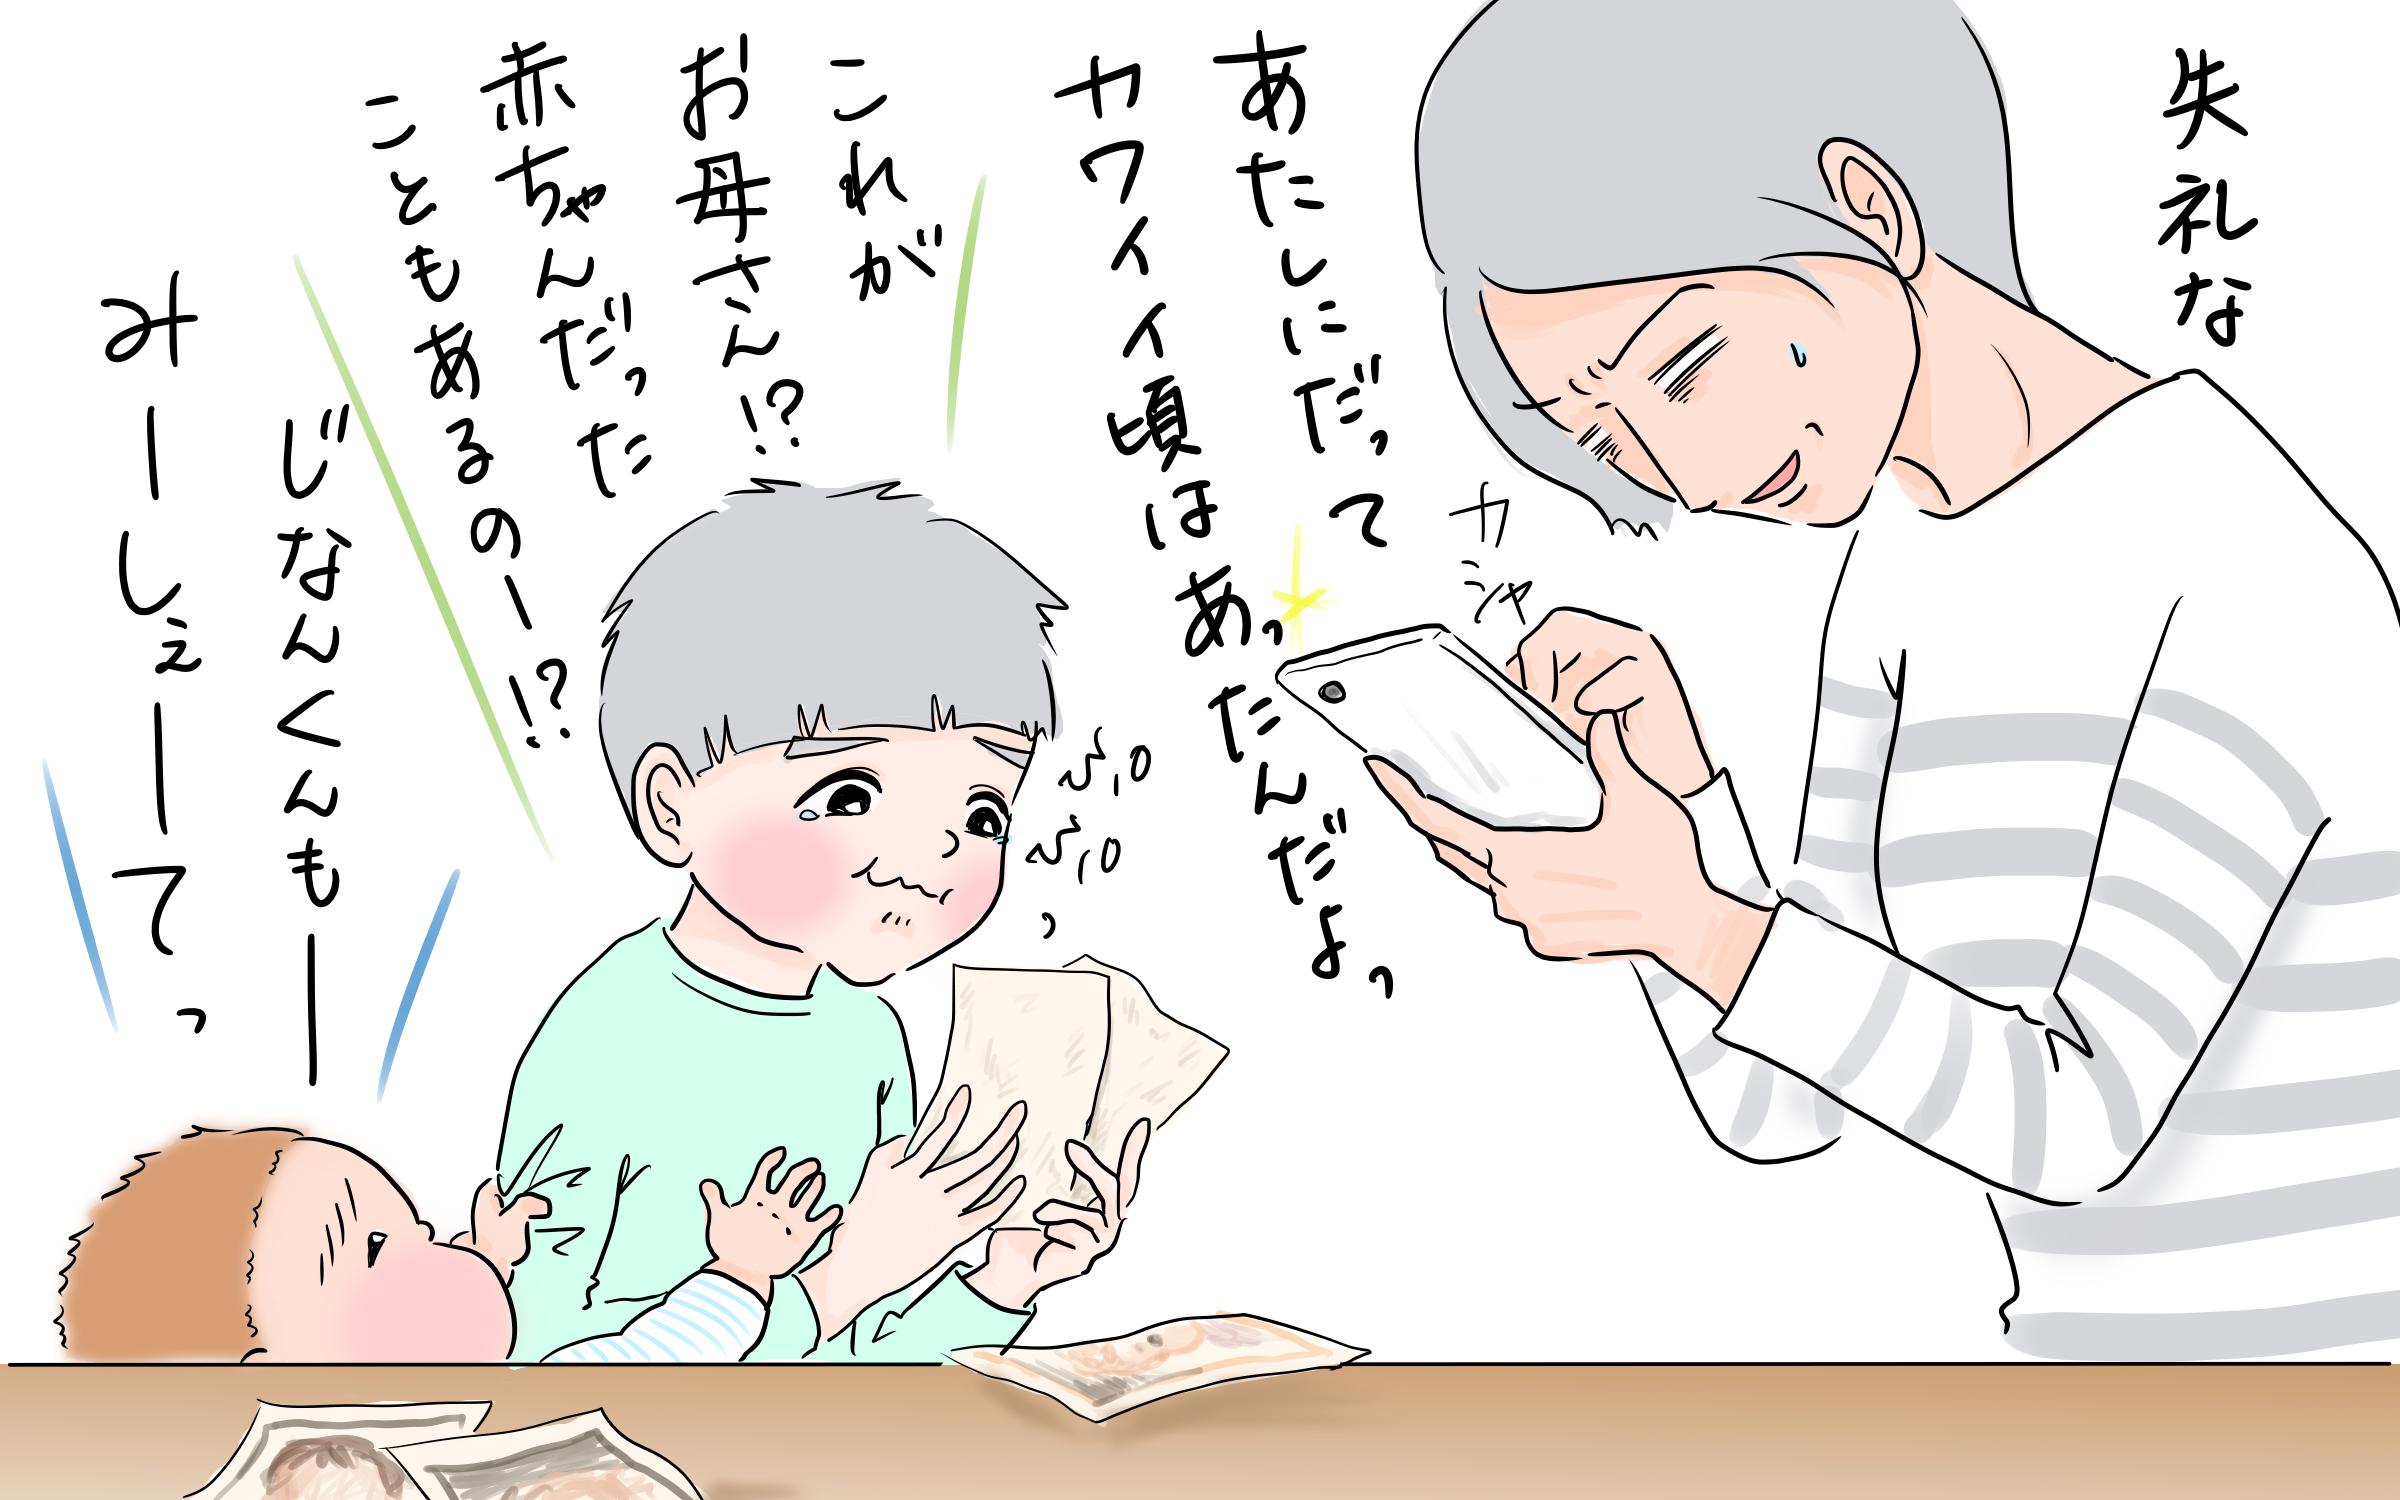 子どもの成長をまとめて整理できた!?   tomekkoが作る技ありフォトブック【笑いあり涙あり 男子3人育児 第37話】